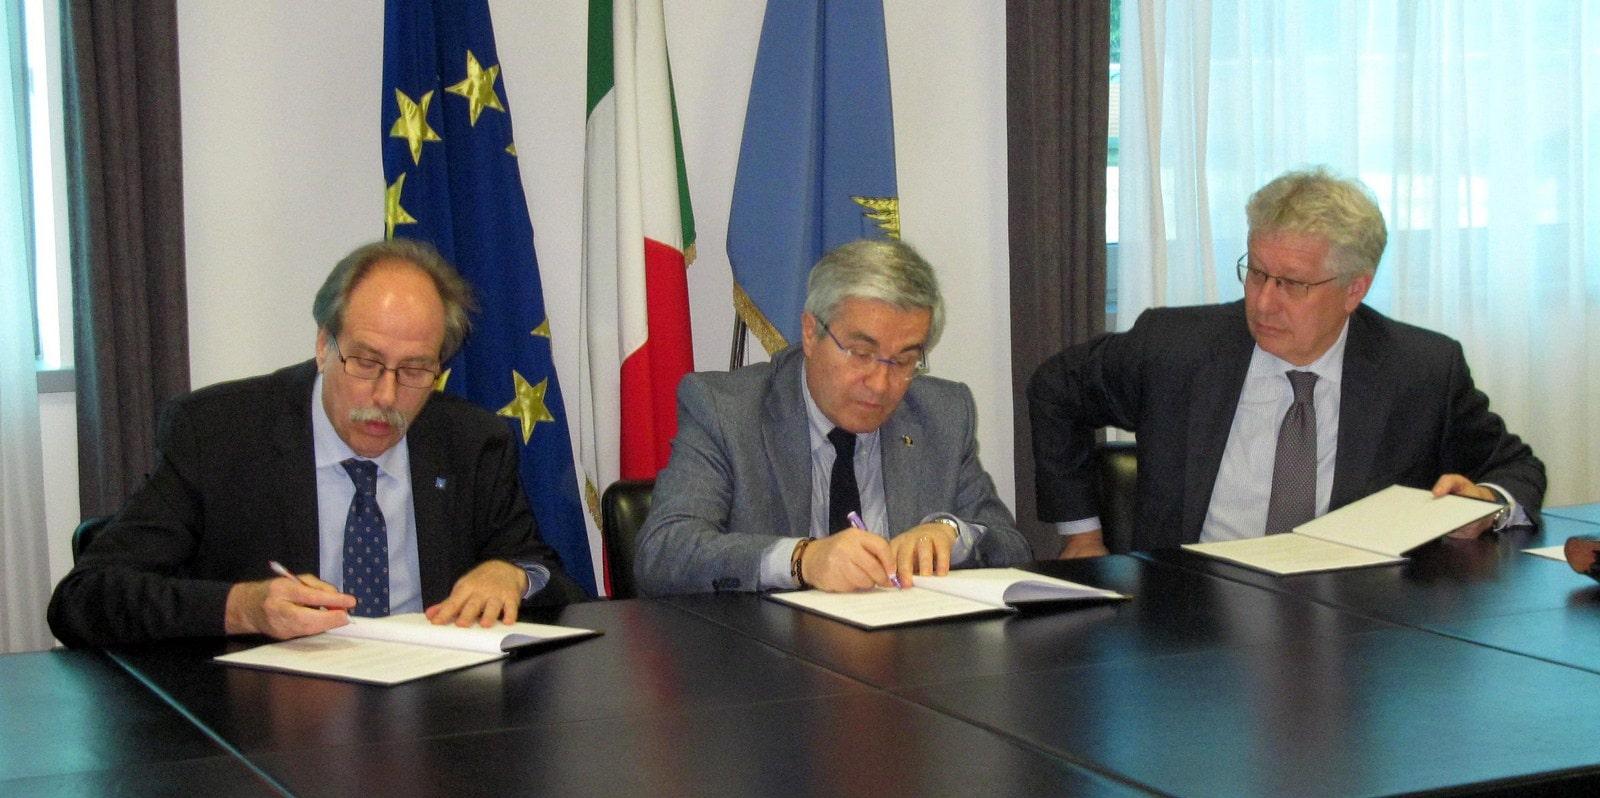 Porzûs, siglato l'accordo per la valorizzazione che prevede anche la concessione in uso delle malghe all'Associazione Partigiani Osoppo -2